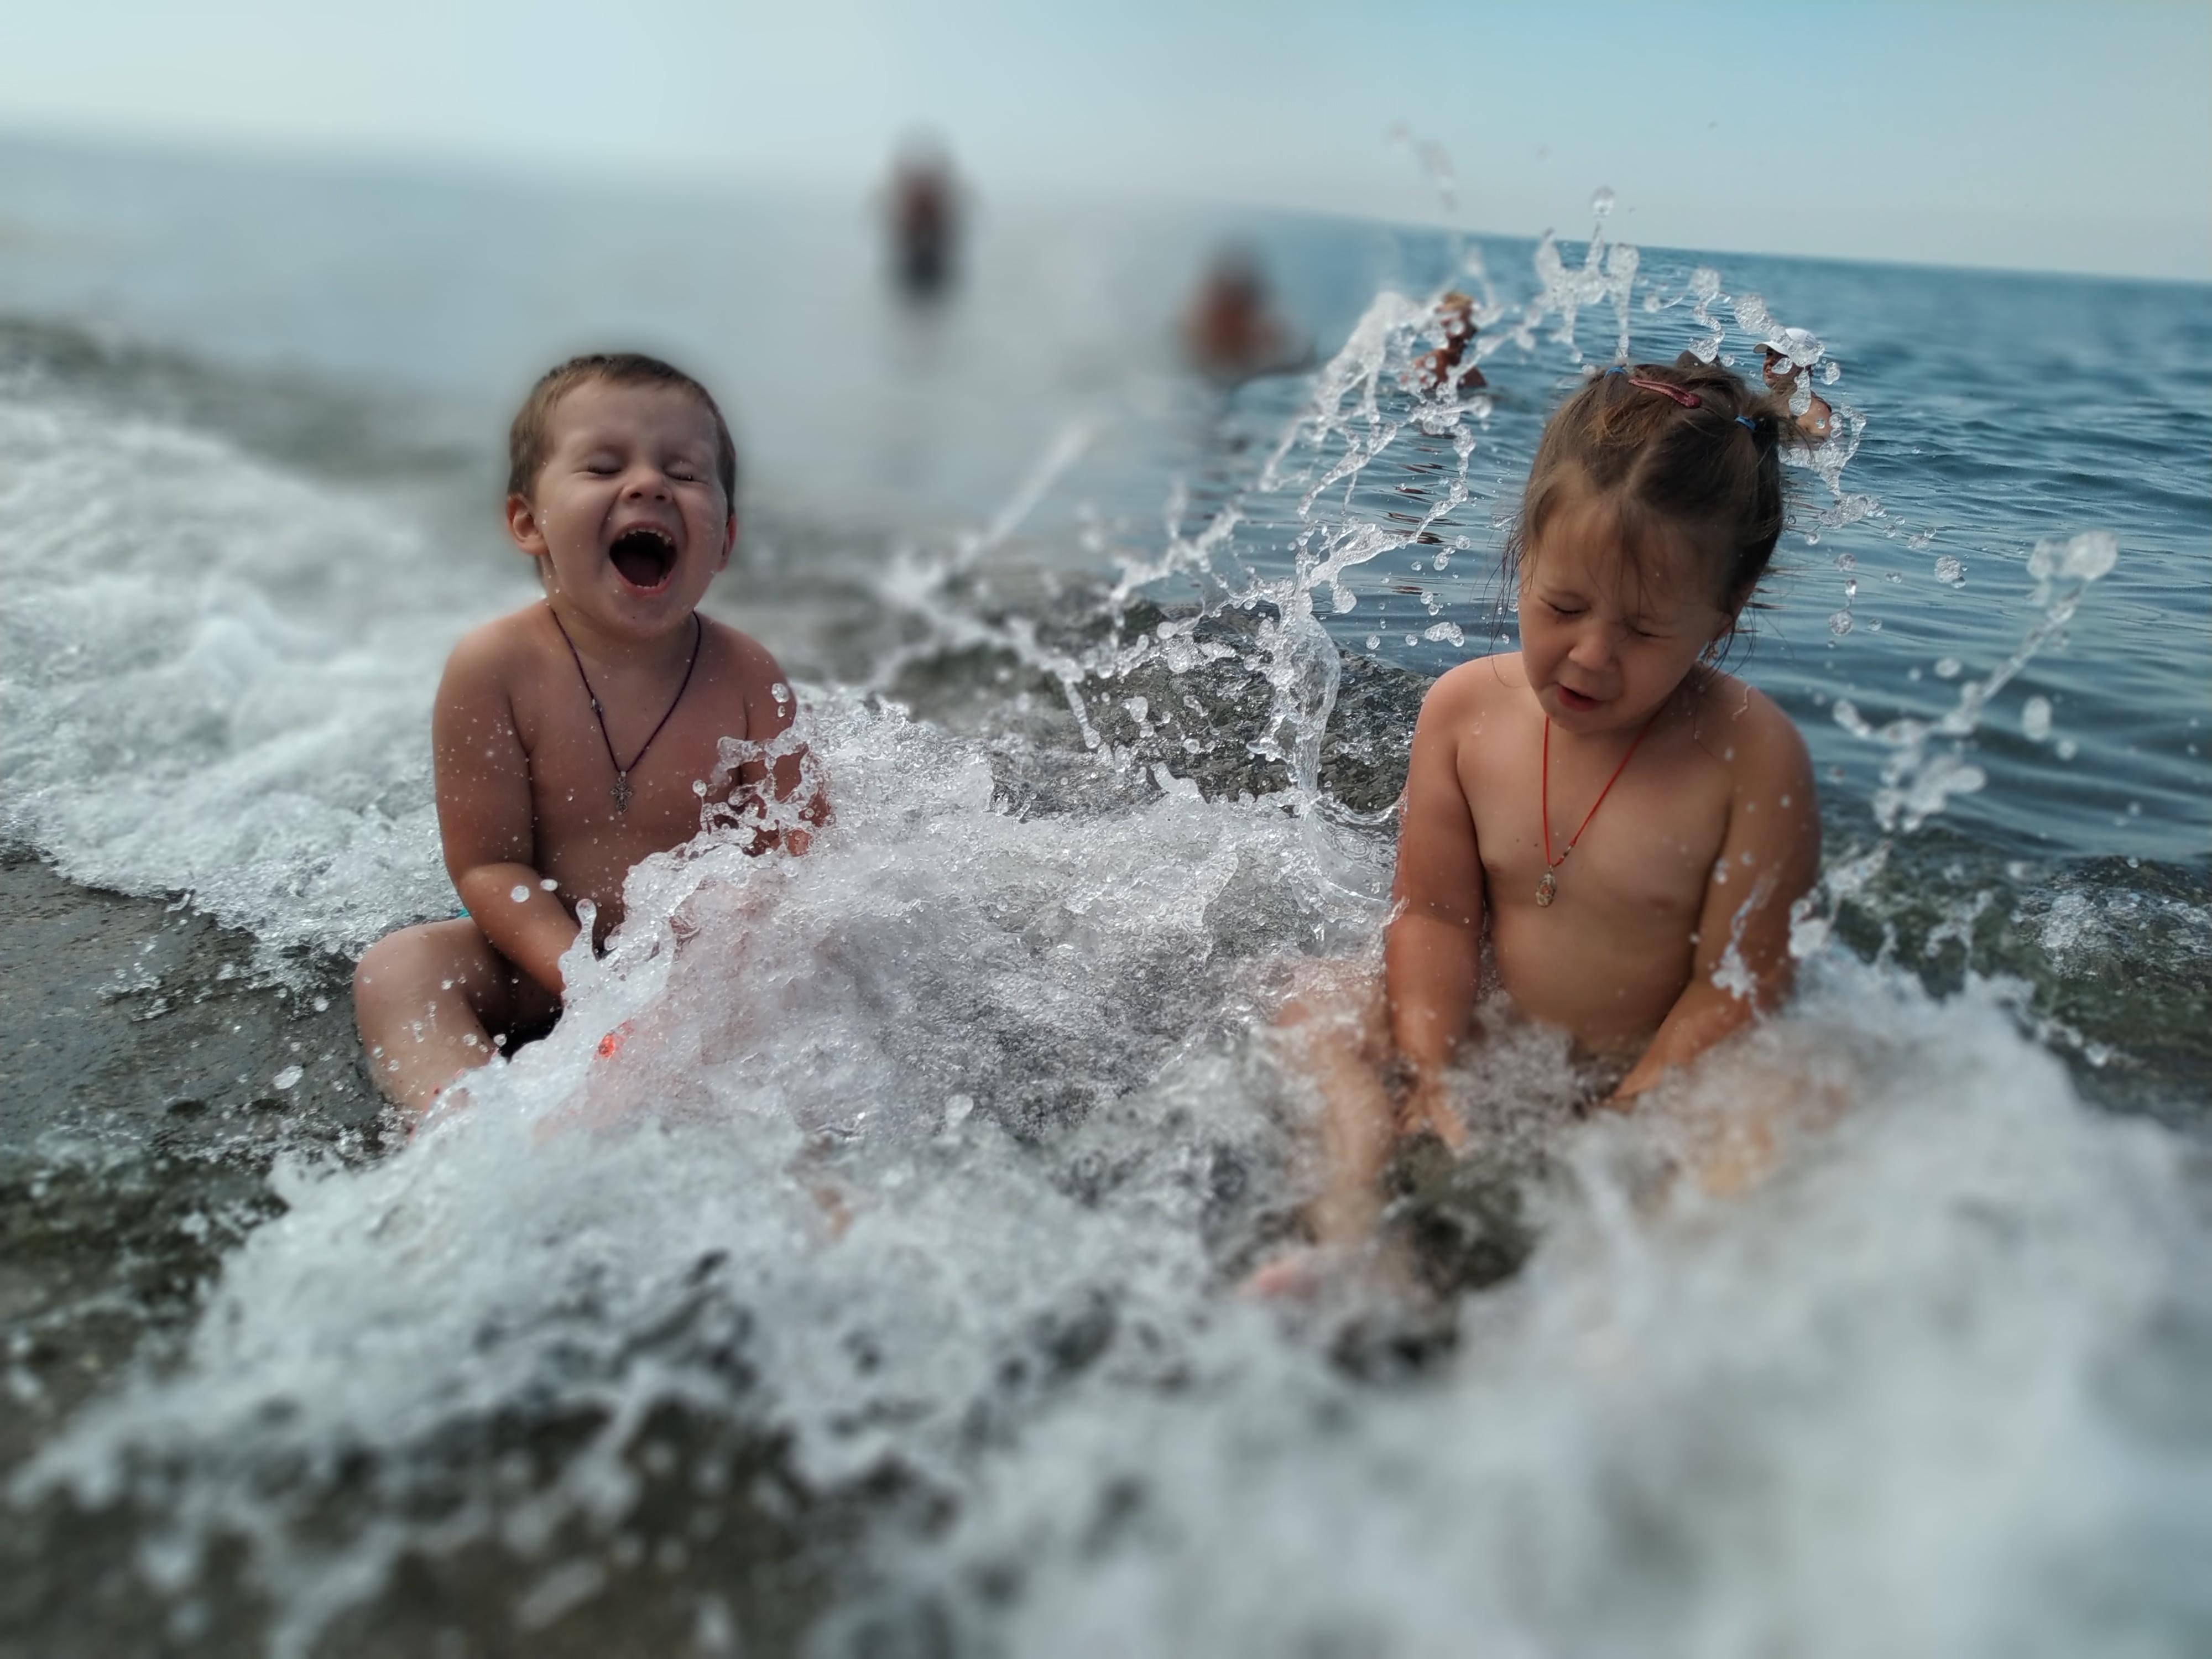 Море волнуется раз. Отдых у воды